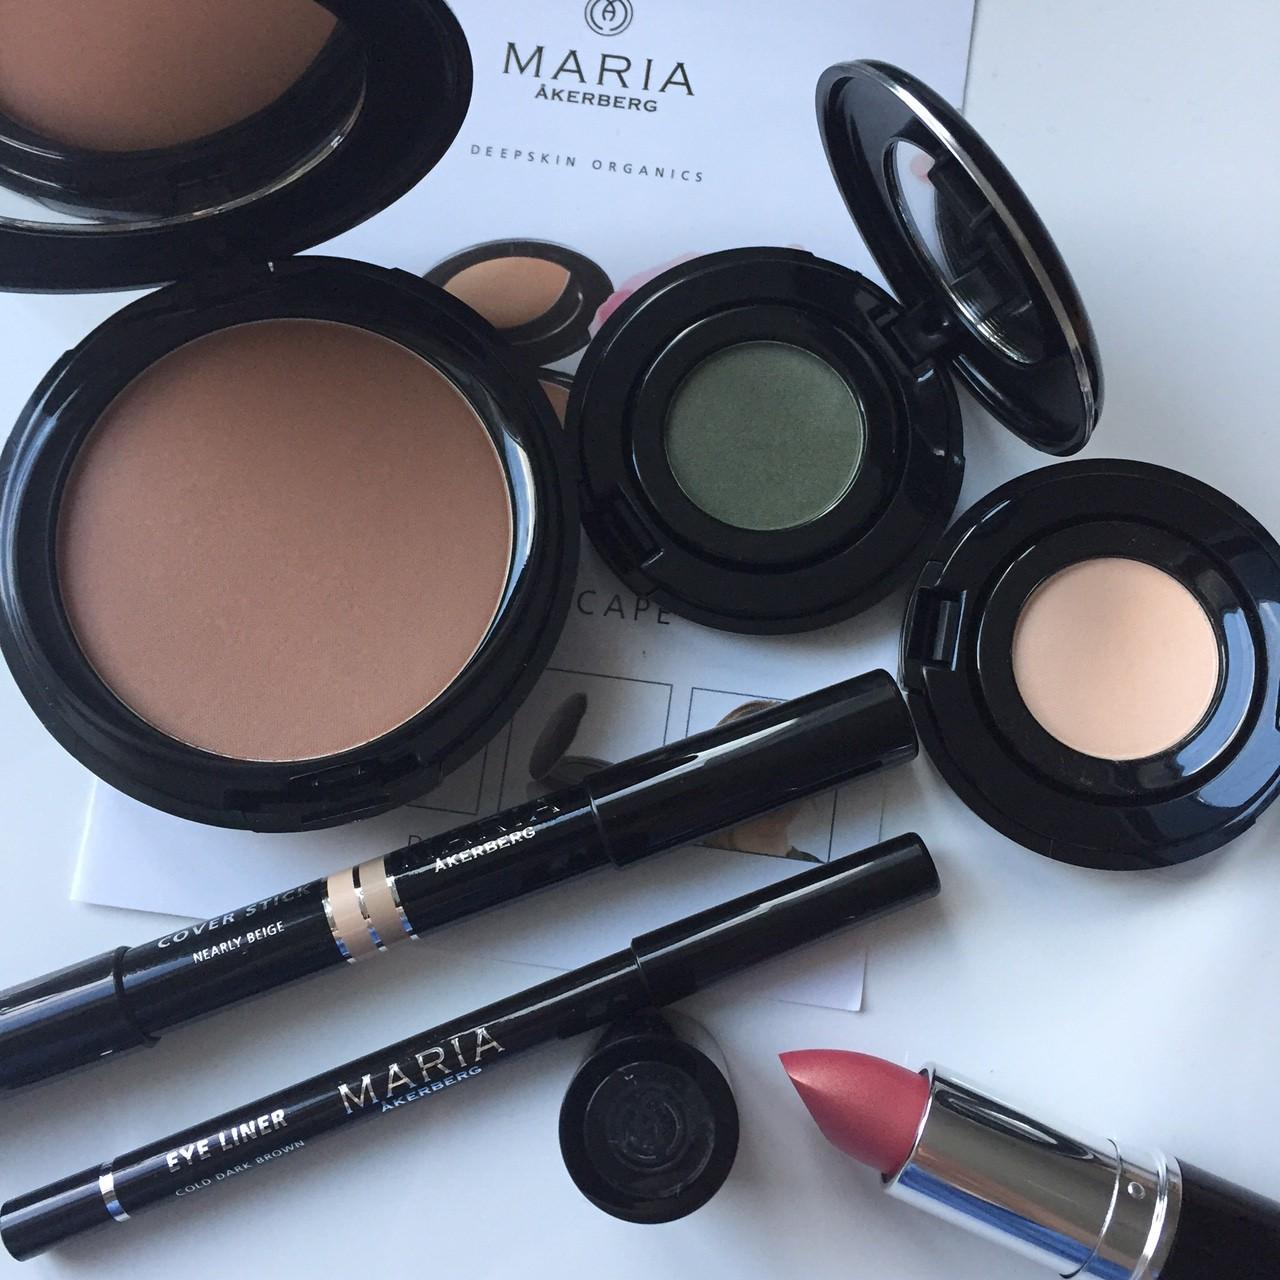 Maria Åkerberg makeup 964f9ac229d37